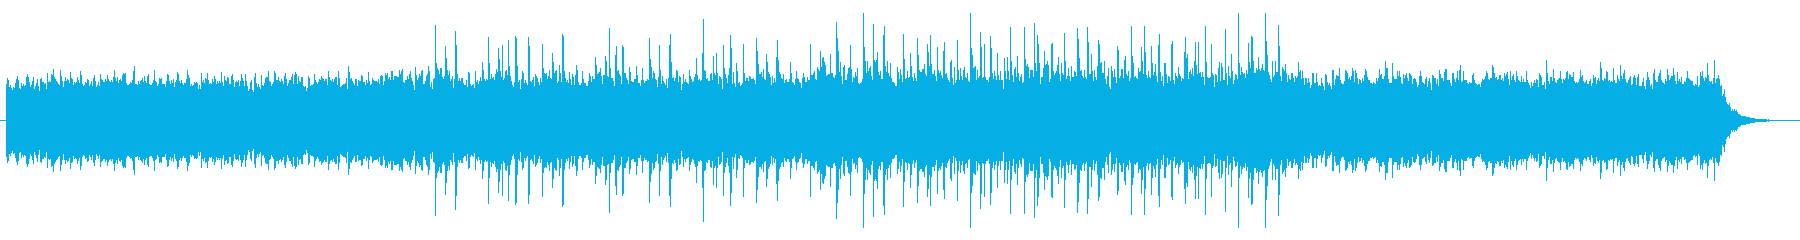 綺麗で爽やかなエレクトロポップな曲の再生済みの波形